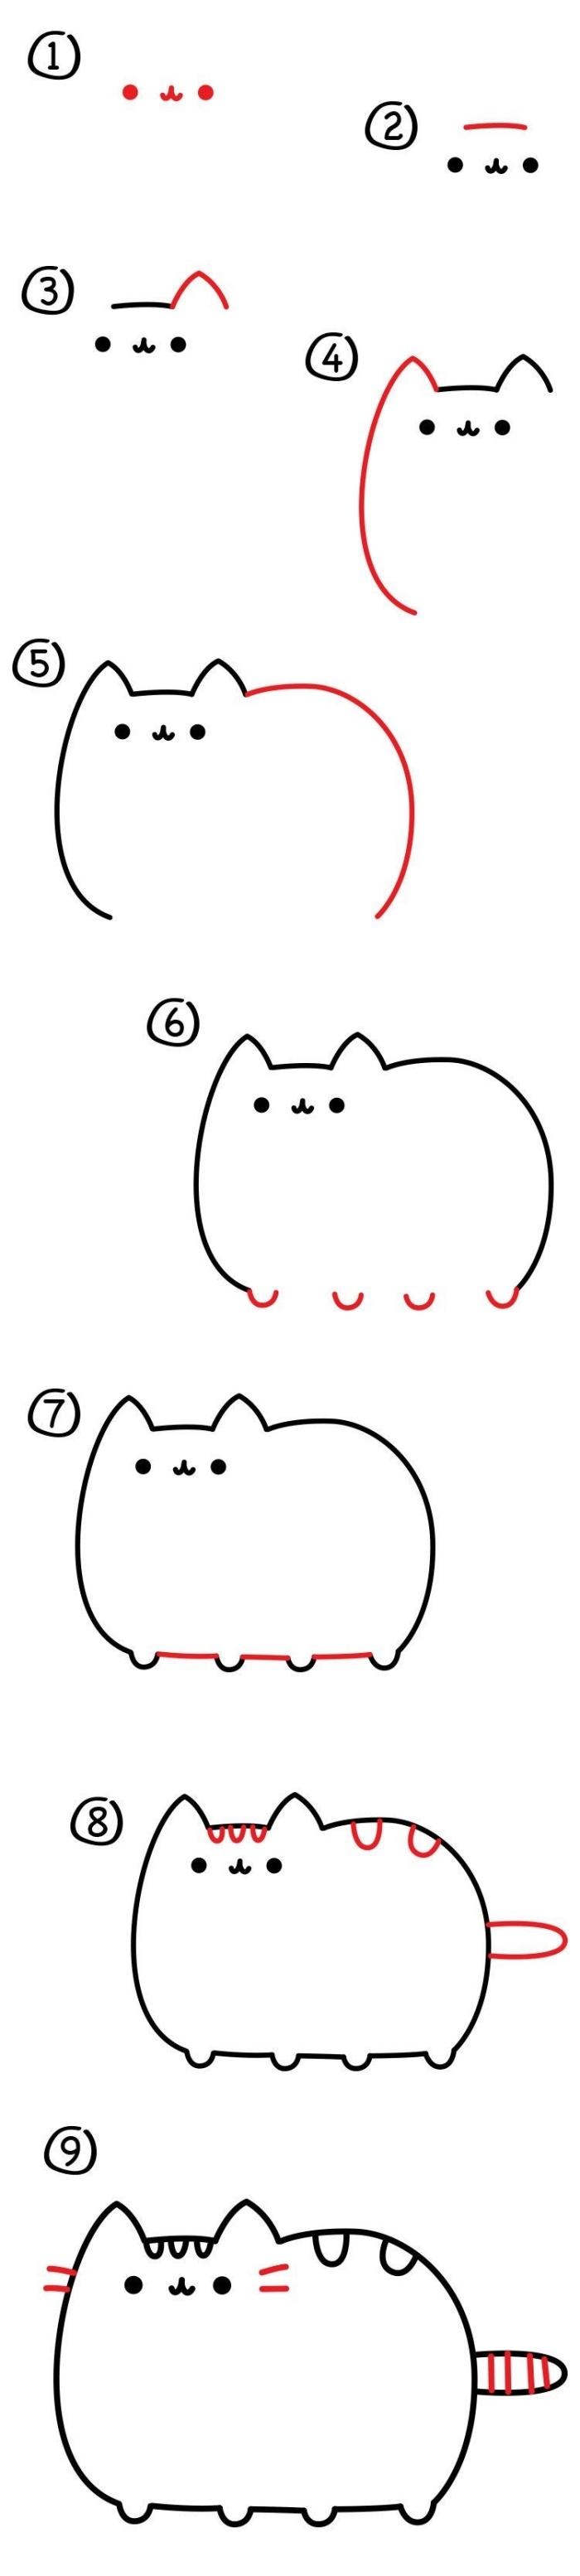 pas à pas détaillé pour réaliser un dessin chat kawaii mignon, apprendre aux enfants de dessiner facilement au crayon